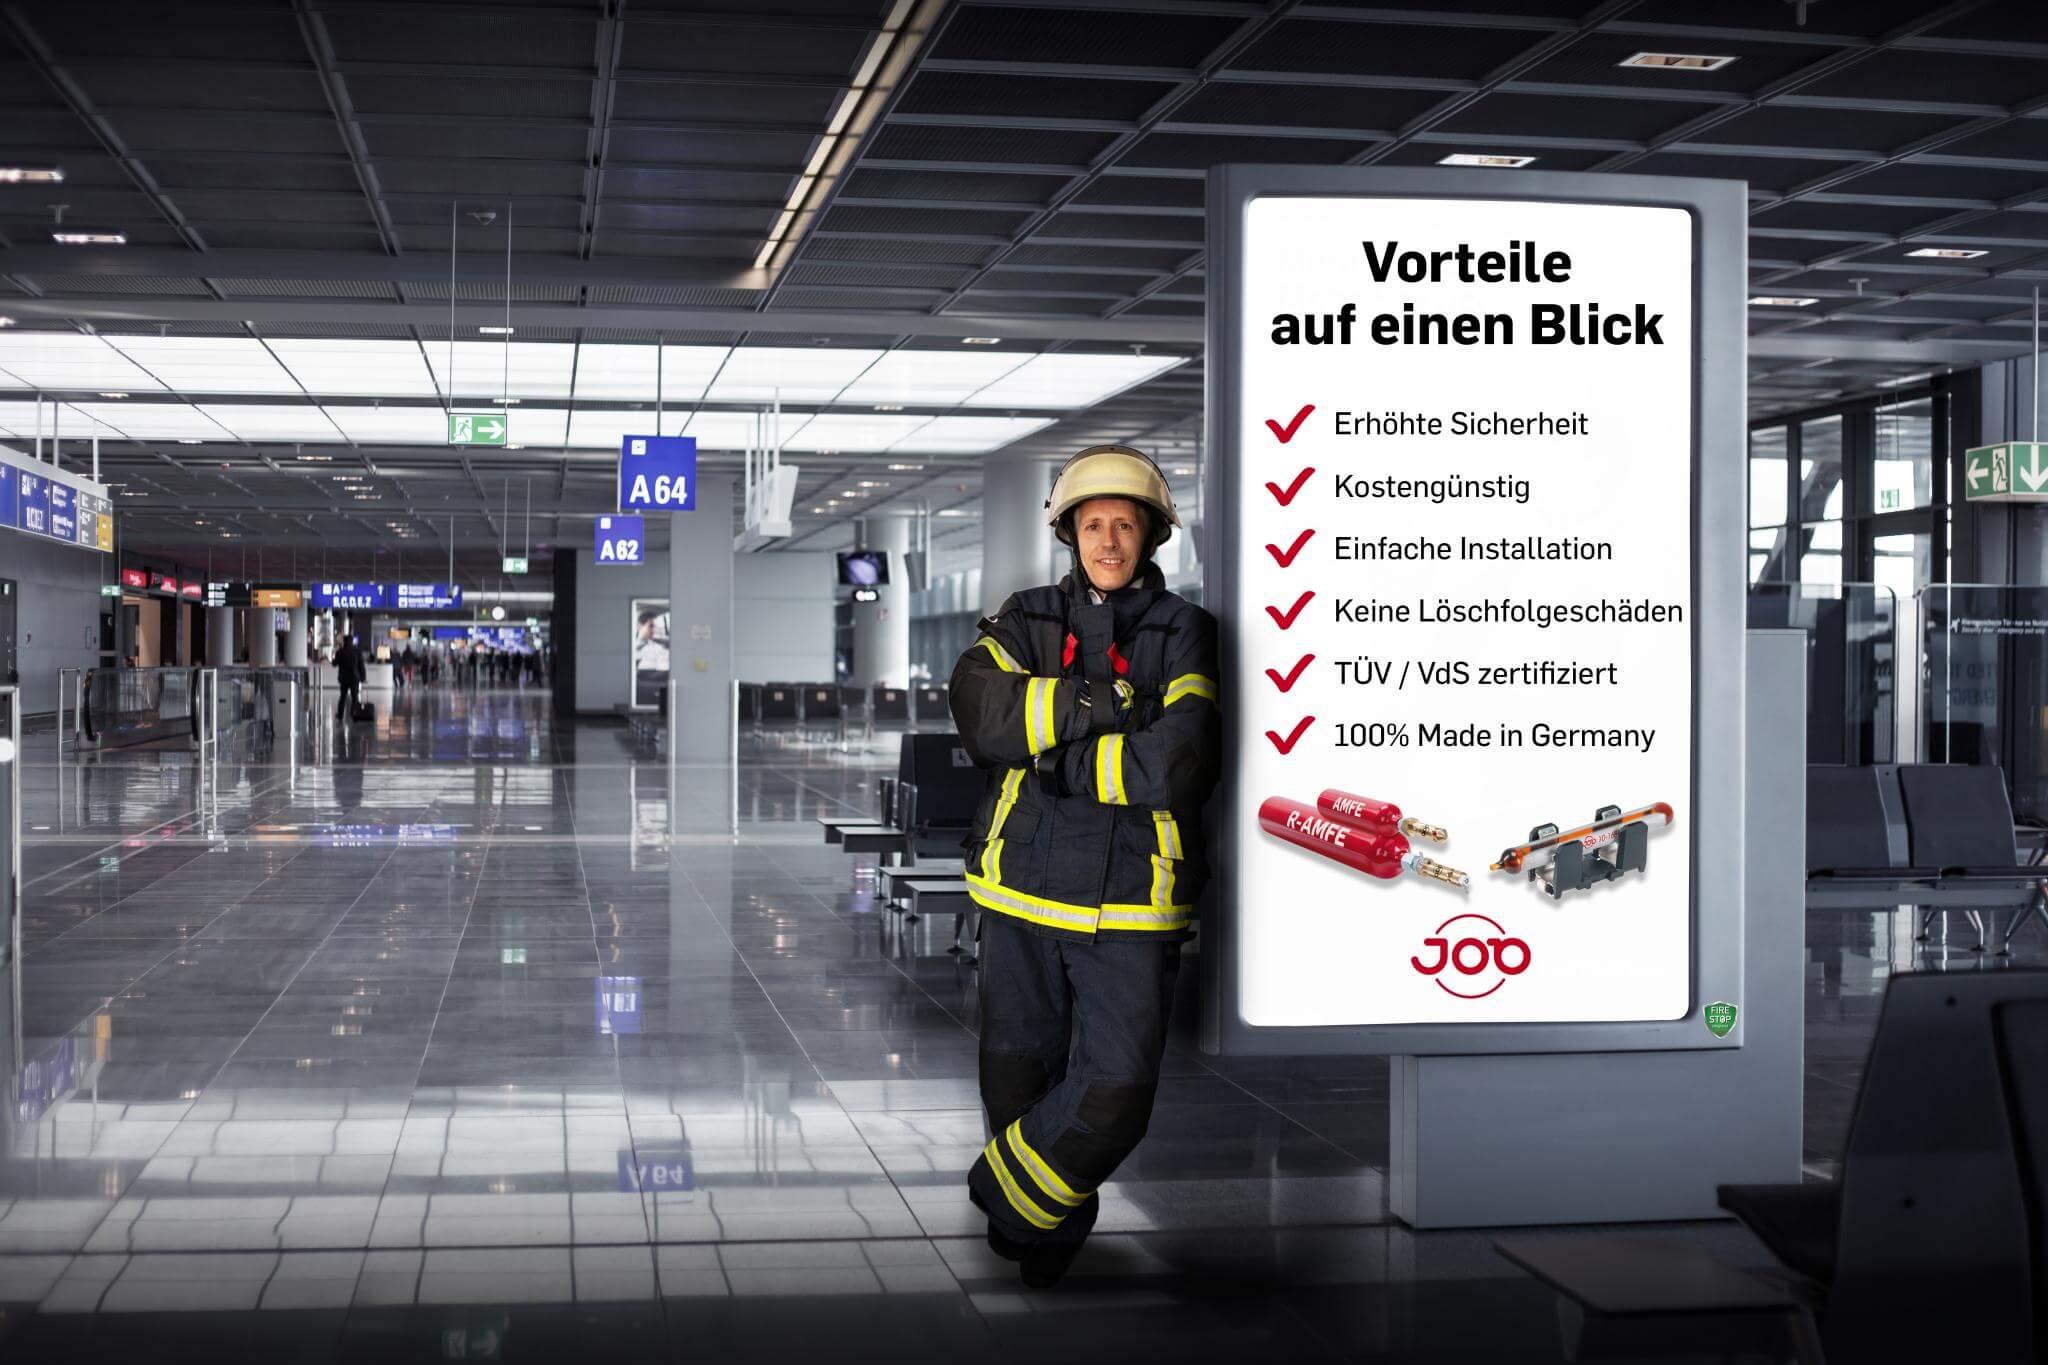 Feuerwehrmann vor Werbetafel